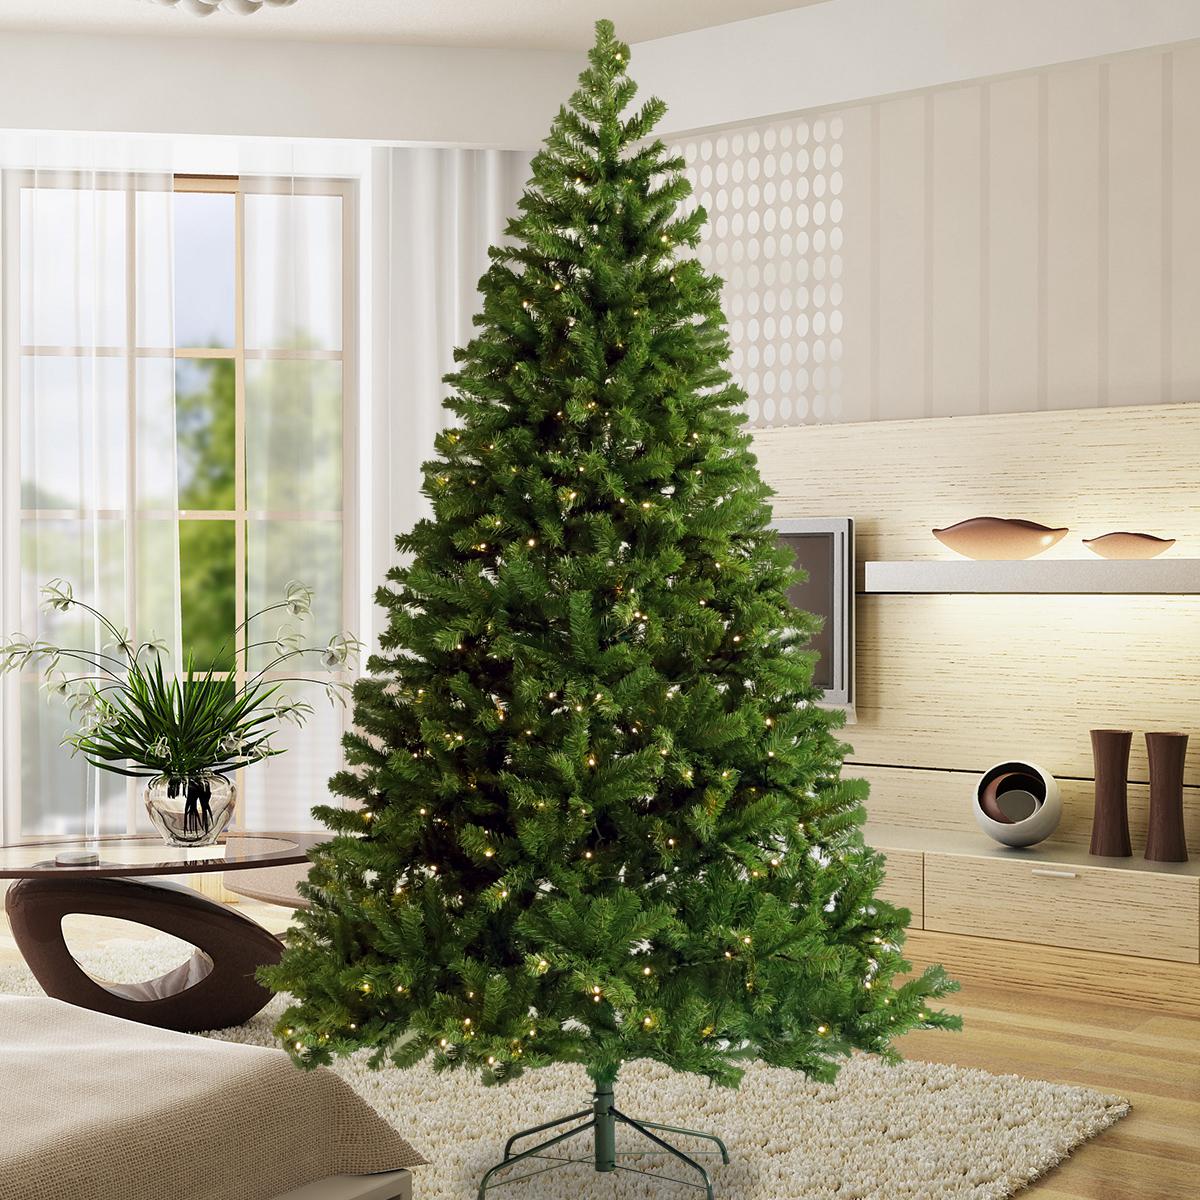 Alberi Di Natale In Vendita.Sconto Decorazioni In Miniatura Di Albero Di Natale 2020 Decorazioni In Miniatura Di Albero Di Natale In Vendita Su It Dhgate Com